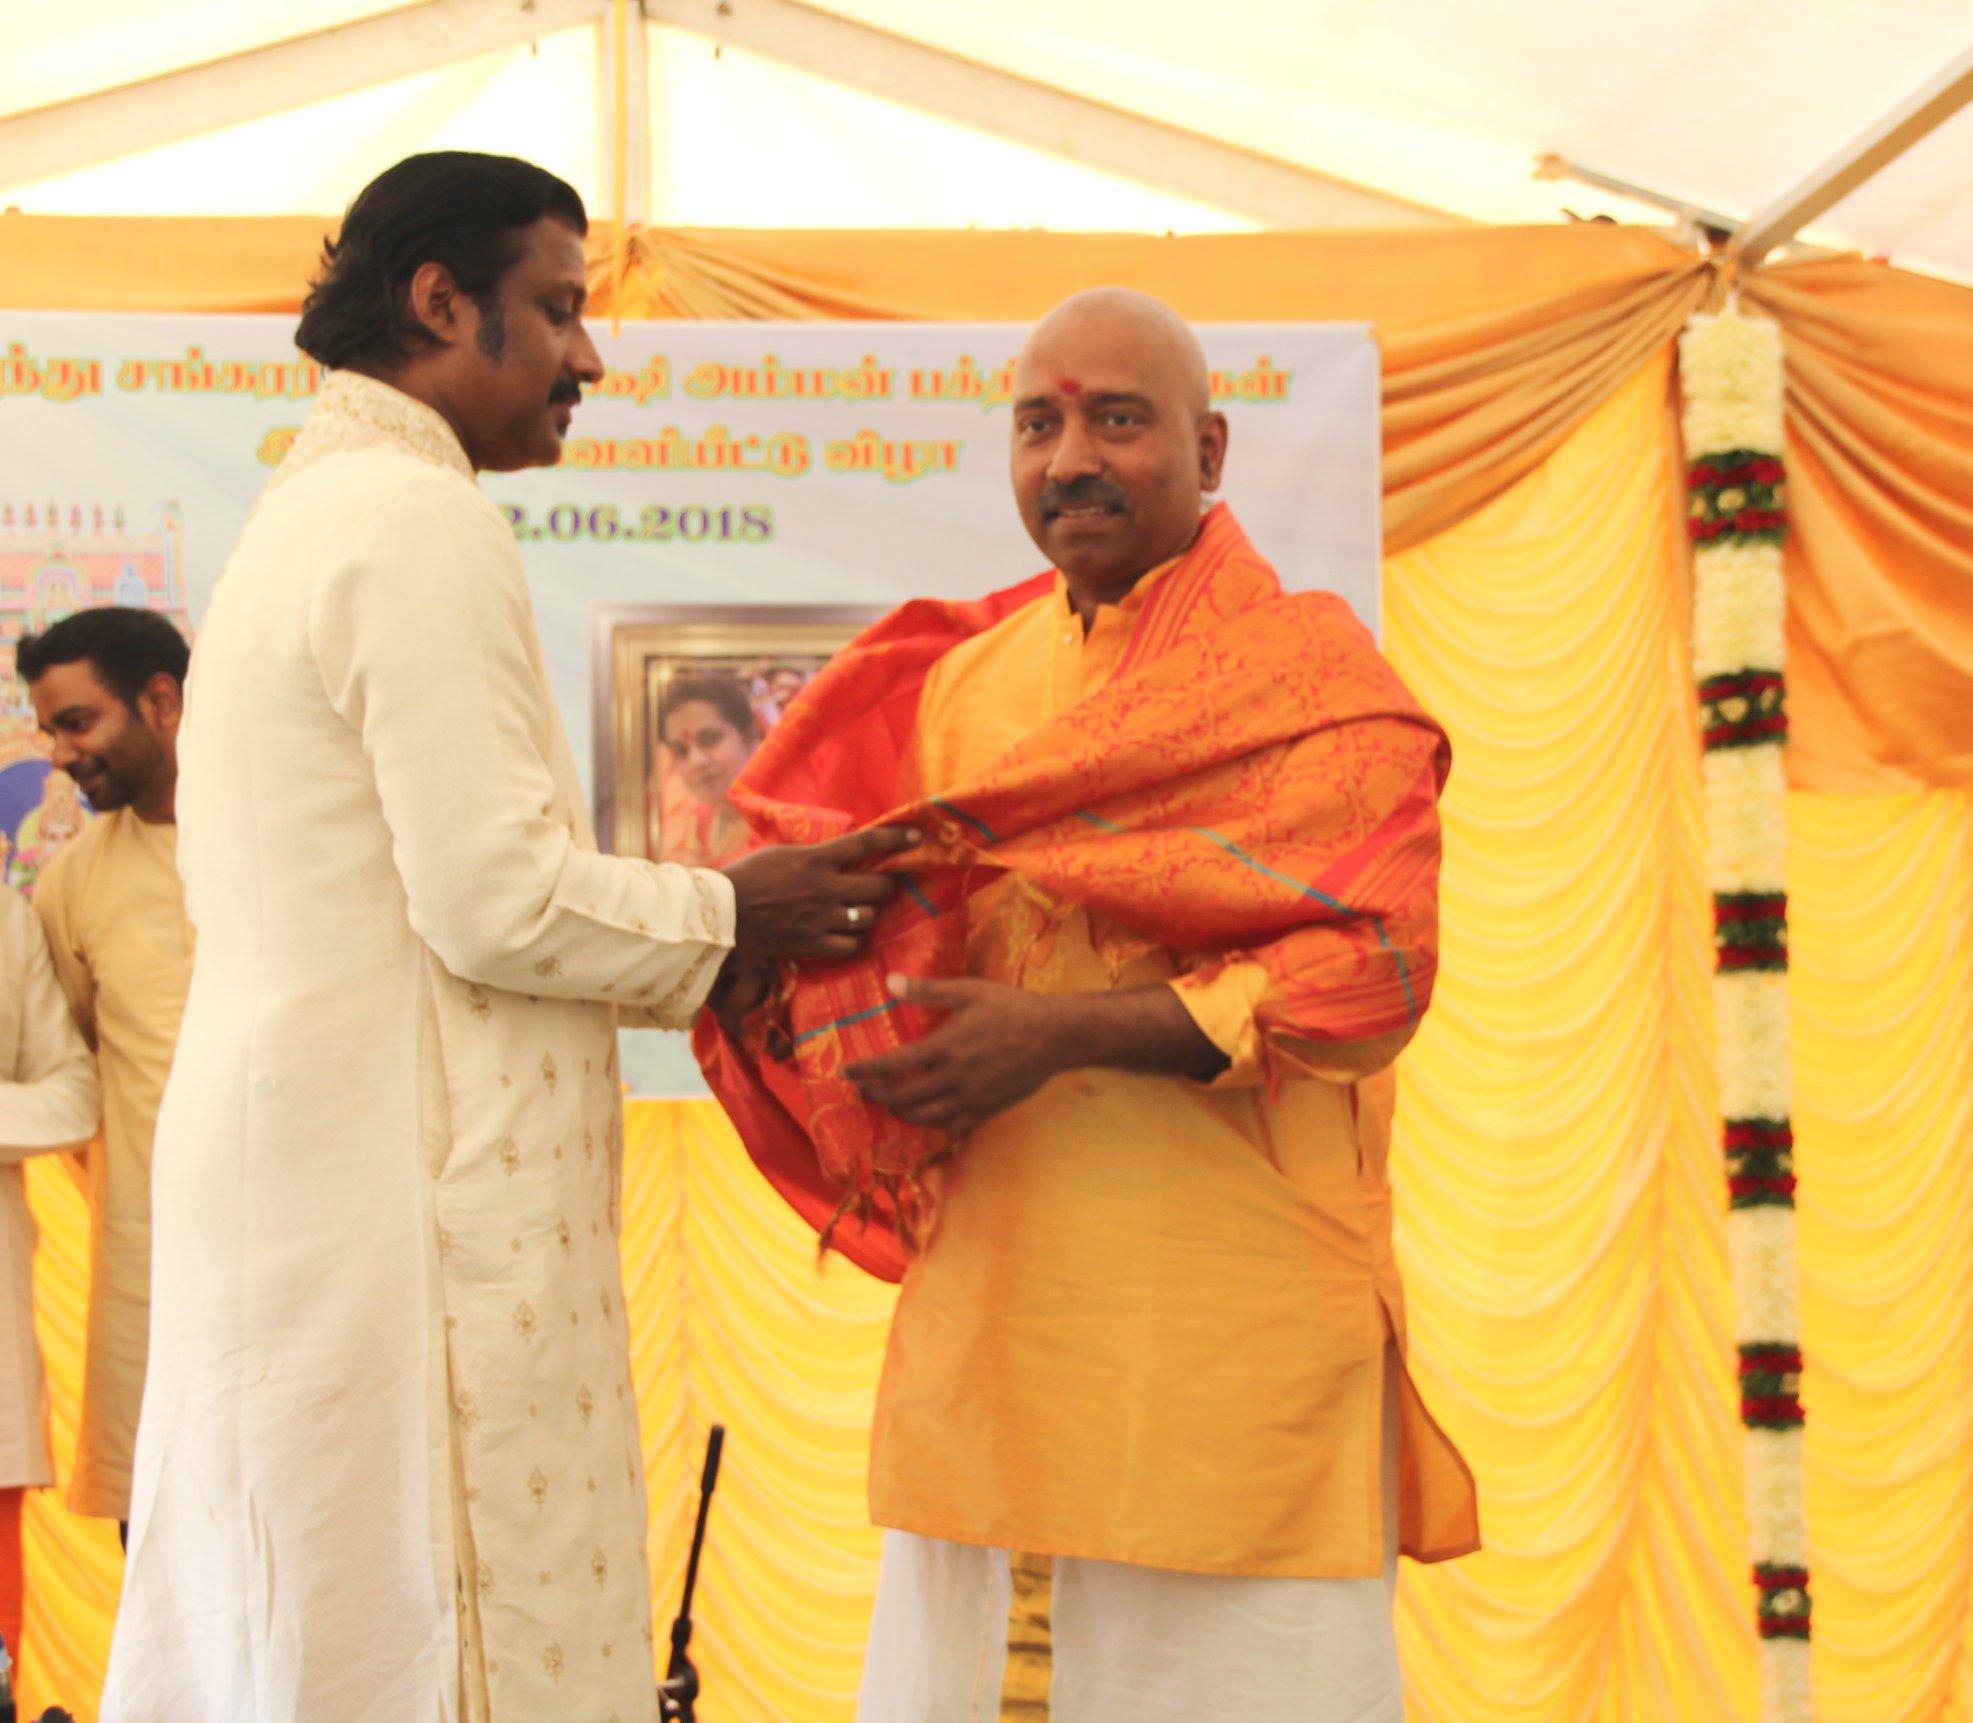 தபேலா தாளவாத்தியக்கலைஞர் திரு தேவகுருபரன் கௌரவிக்கப்பட்டுள்ளார் !